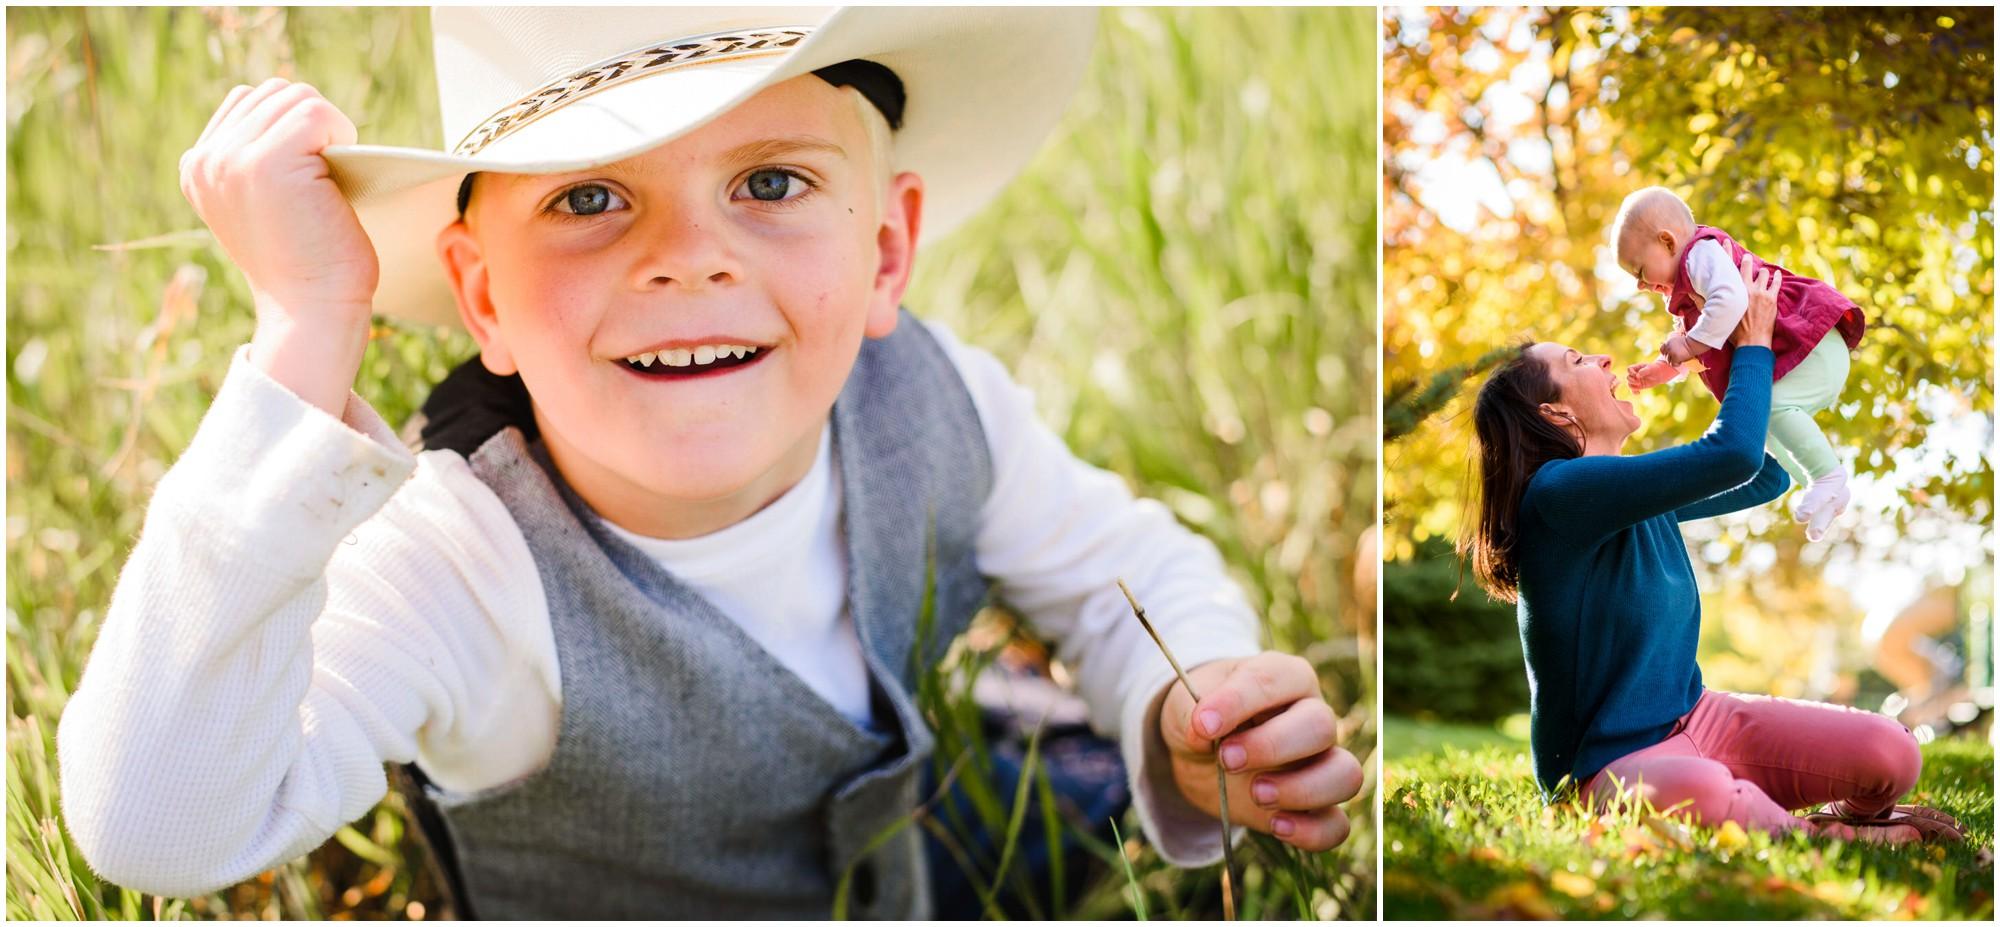 77-Golden-Colorado-family-photography.jpg